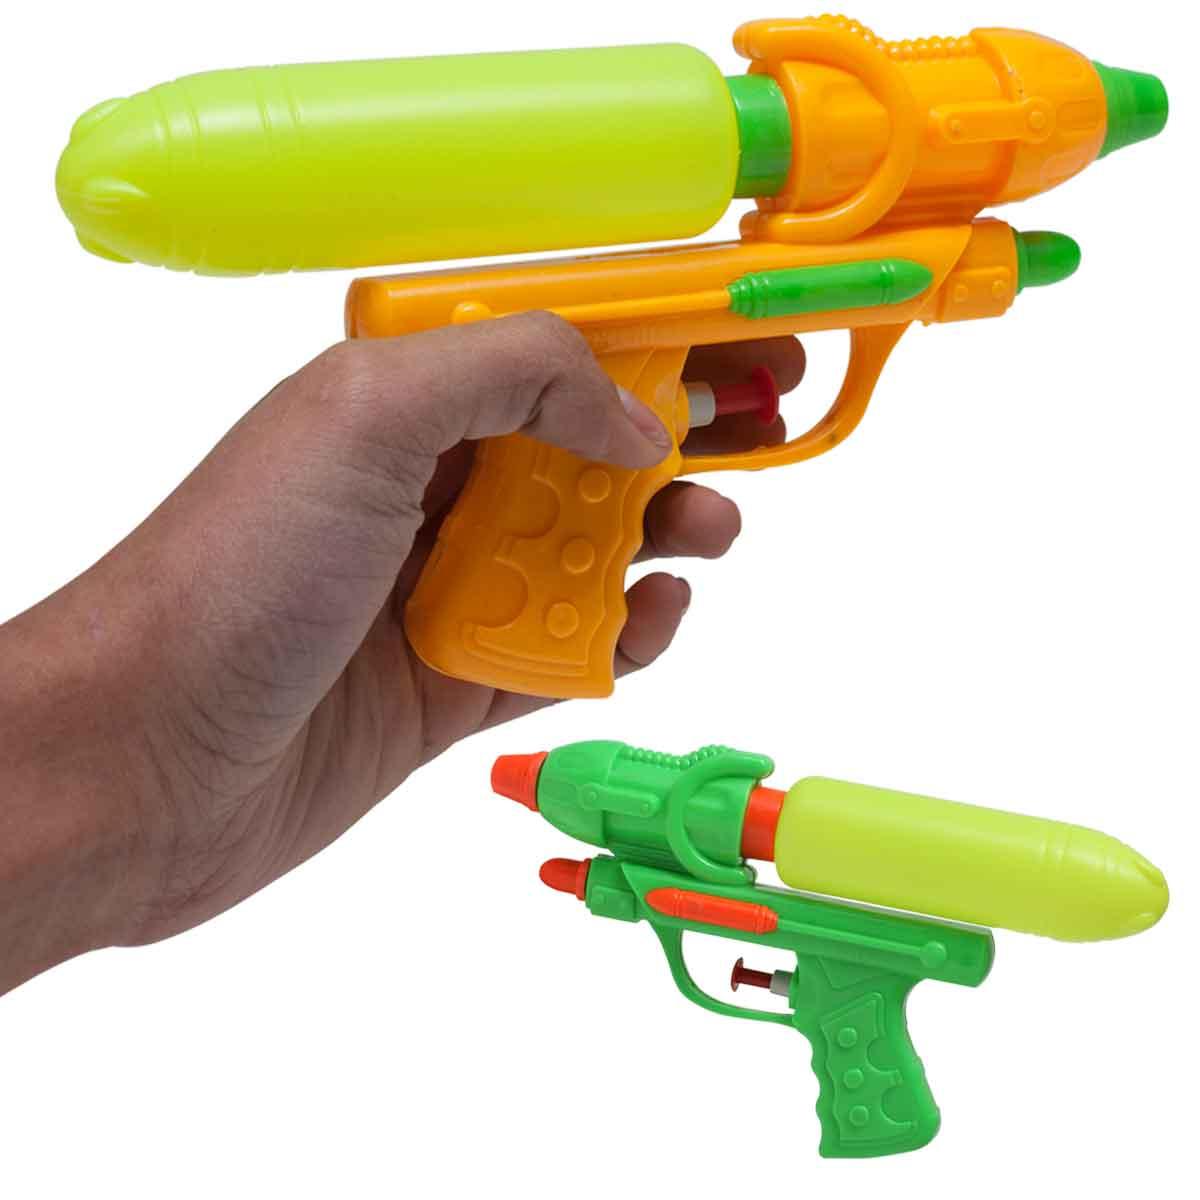 Pistola Lança Água Canhão 2 Jatos Brinquedo Criança Piscina